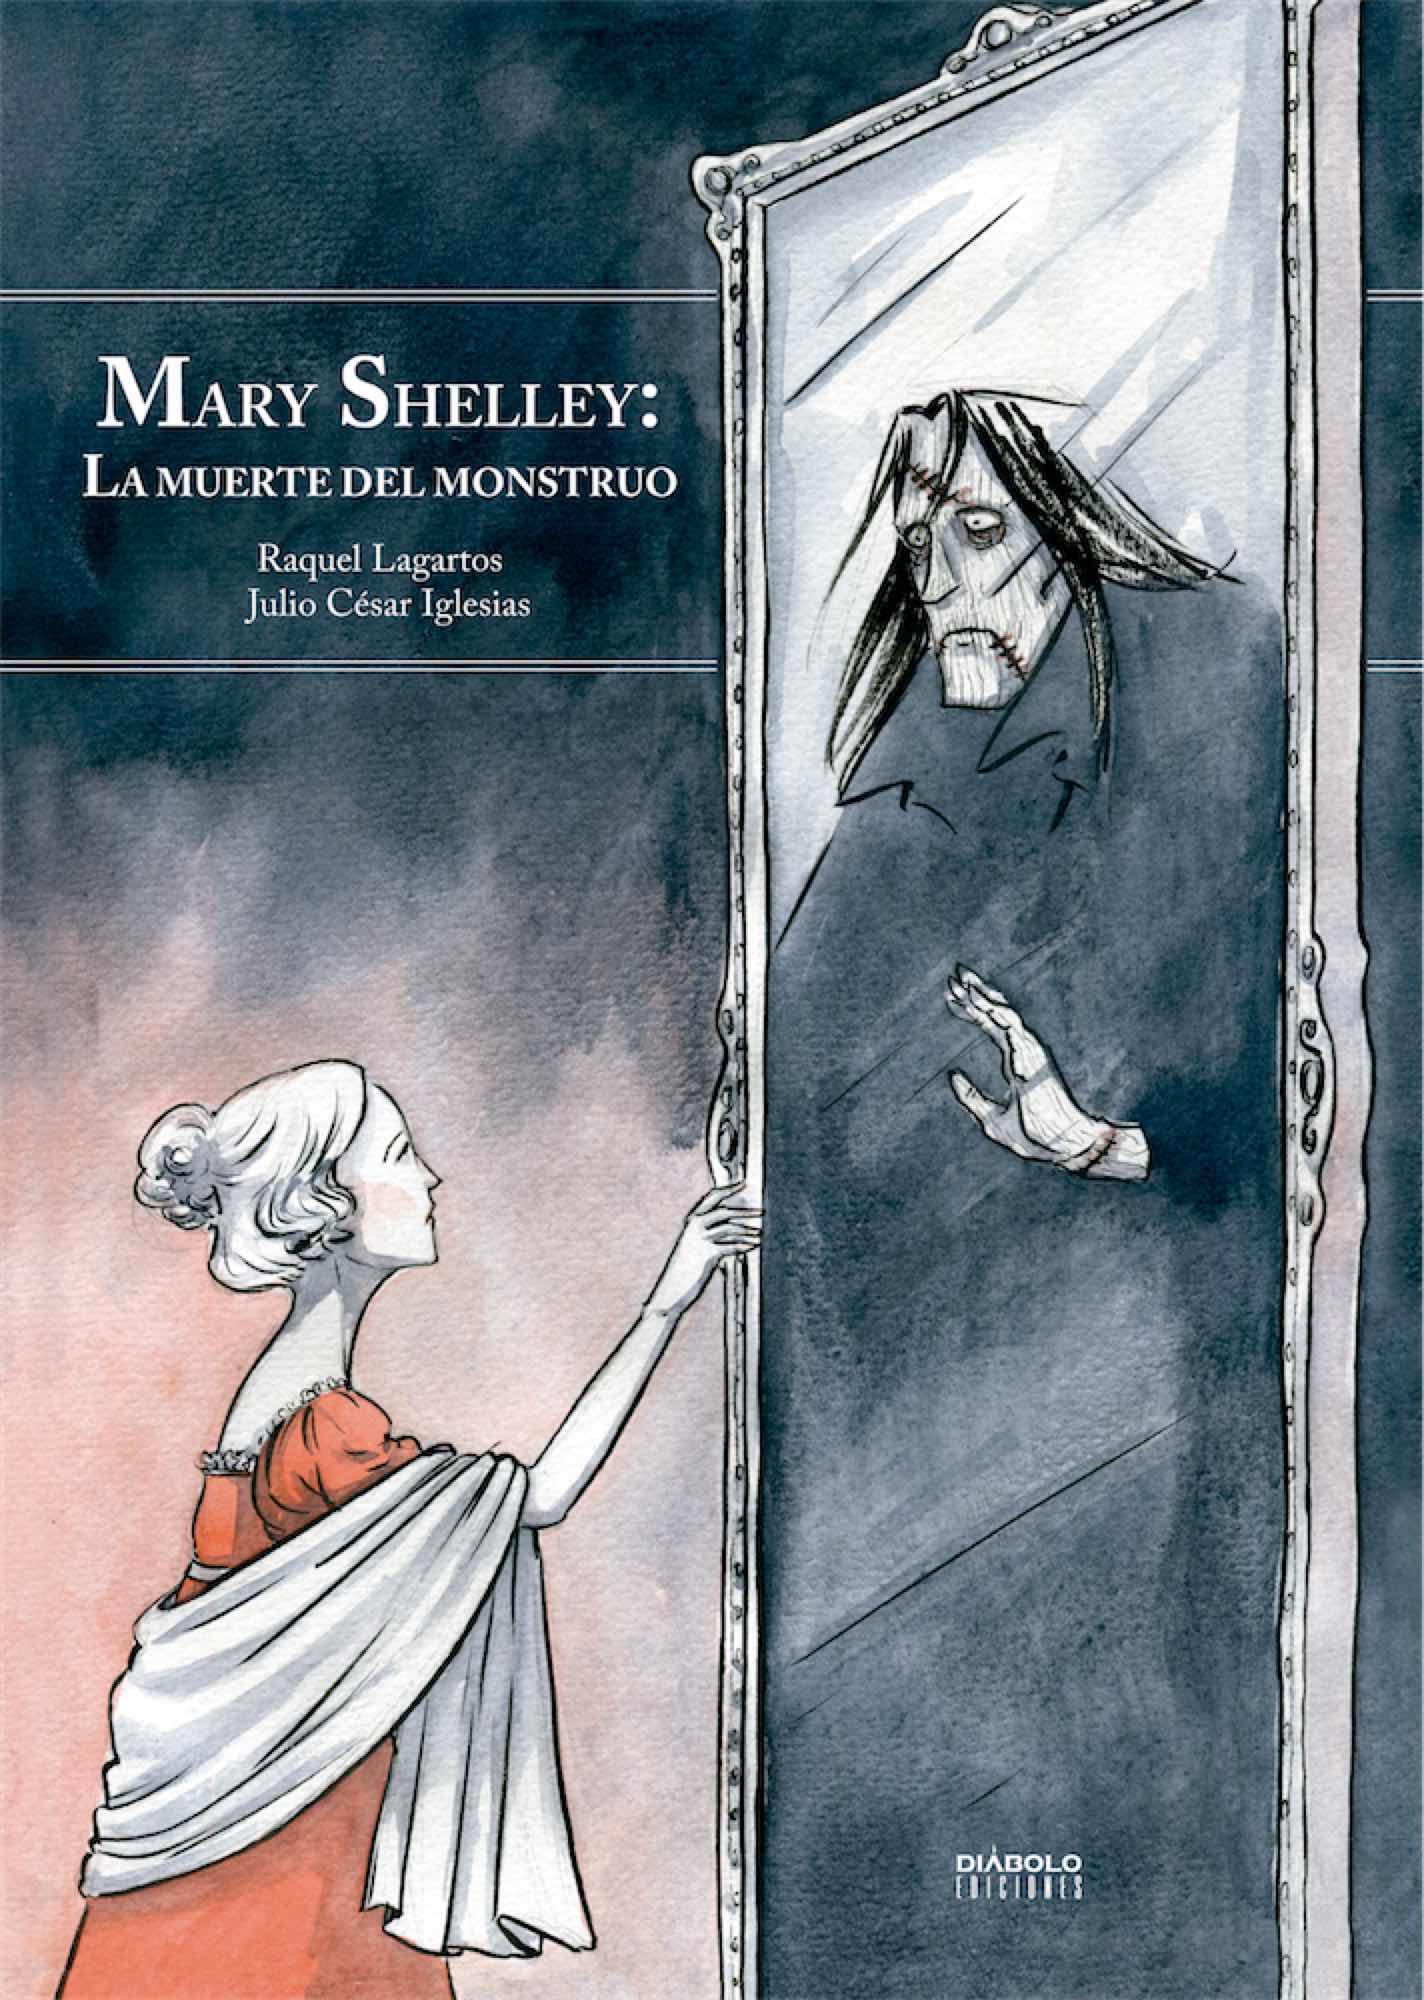 MARY SHELLEY: LA MUERTE DEL MONSTRUO (NUEVA EDICION AMPLIADA)